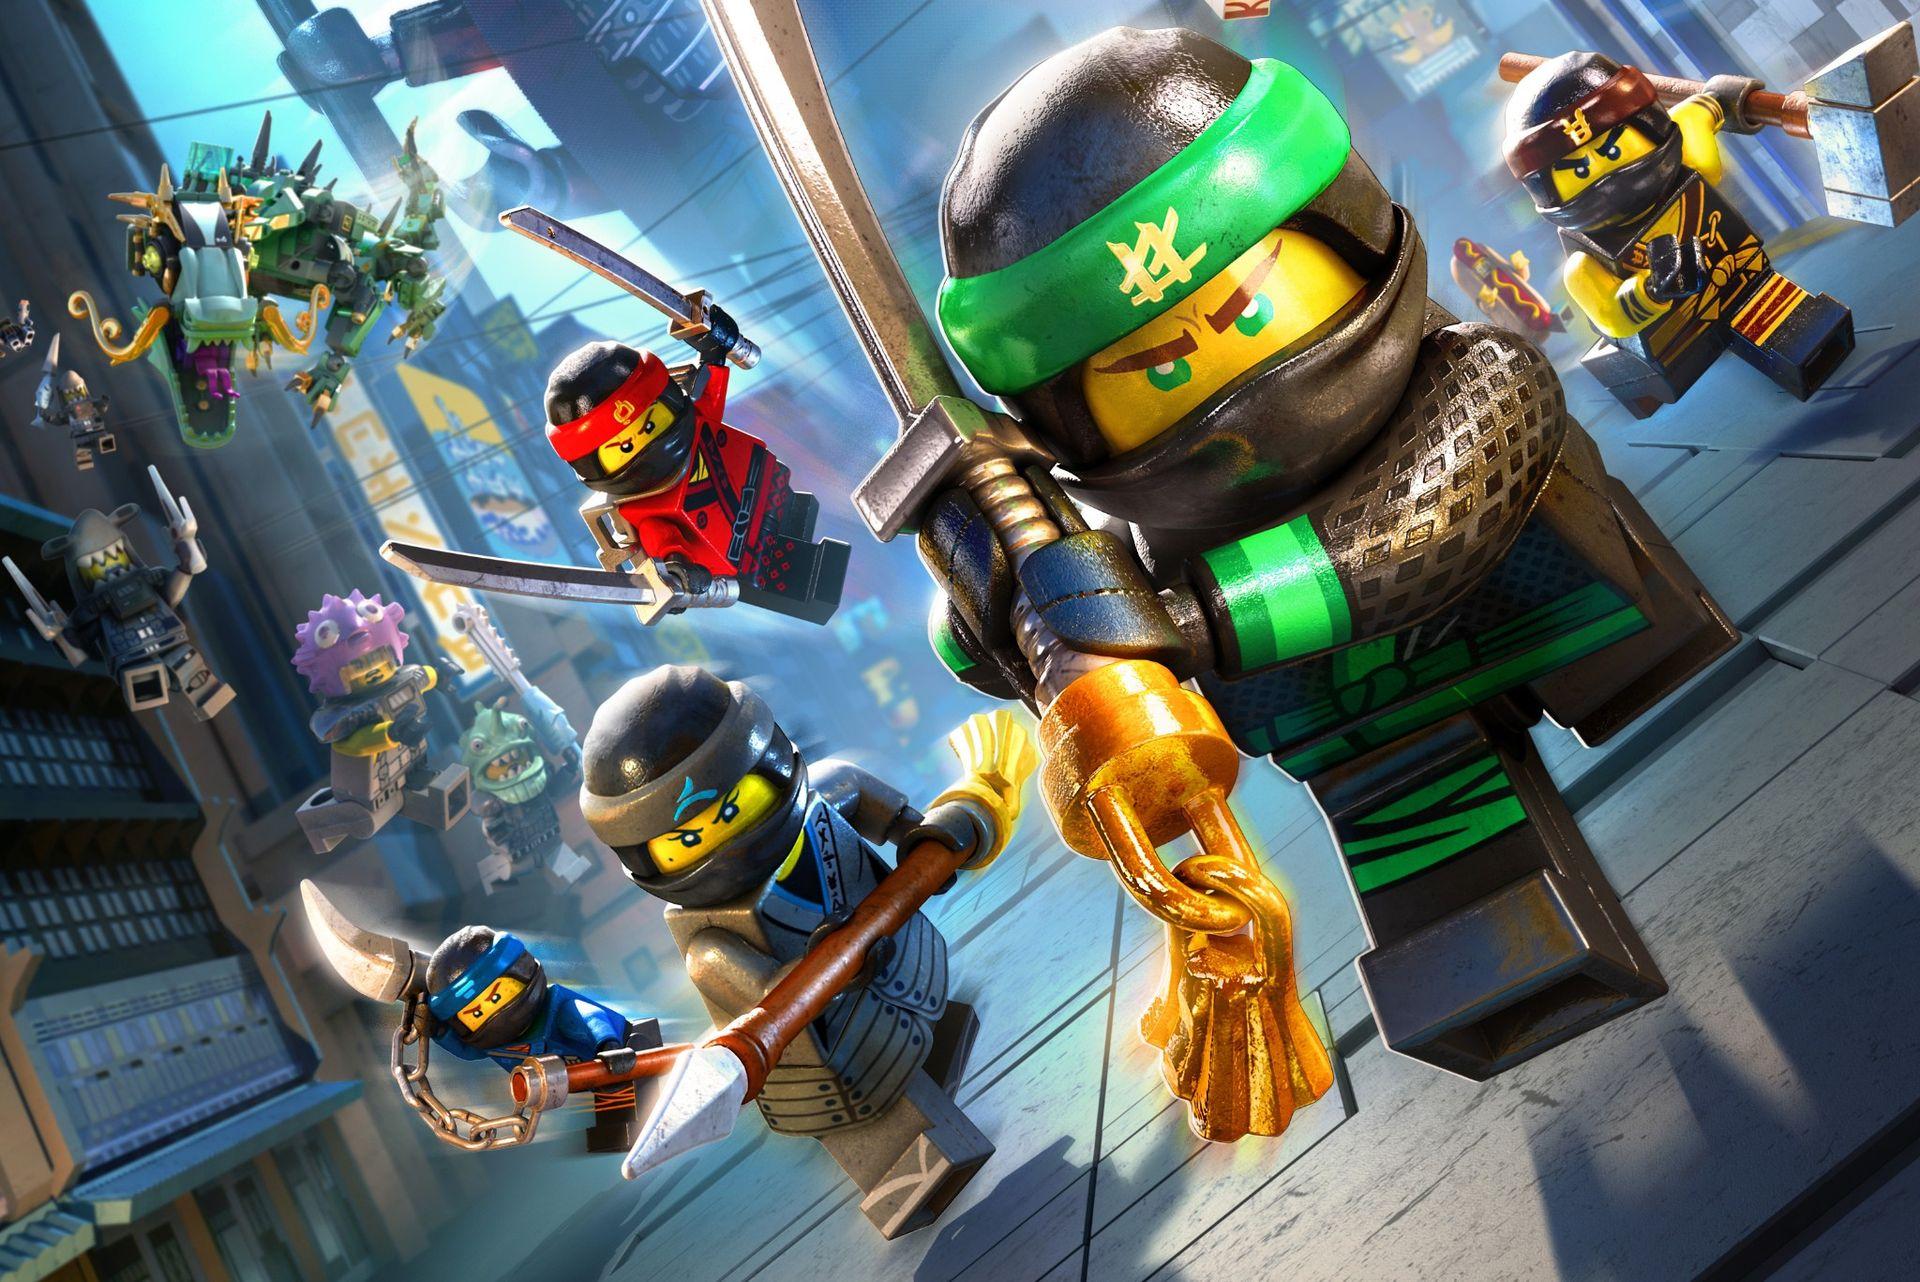 Lego ninjago le film le jeu vid o d sormais disponible - Jeu lego ninjago gratuit ...